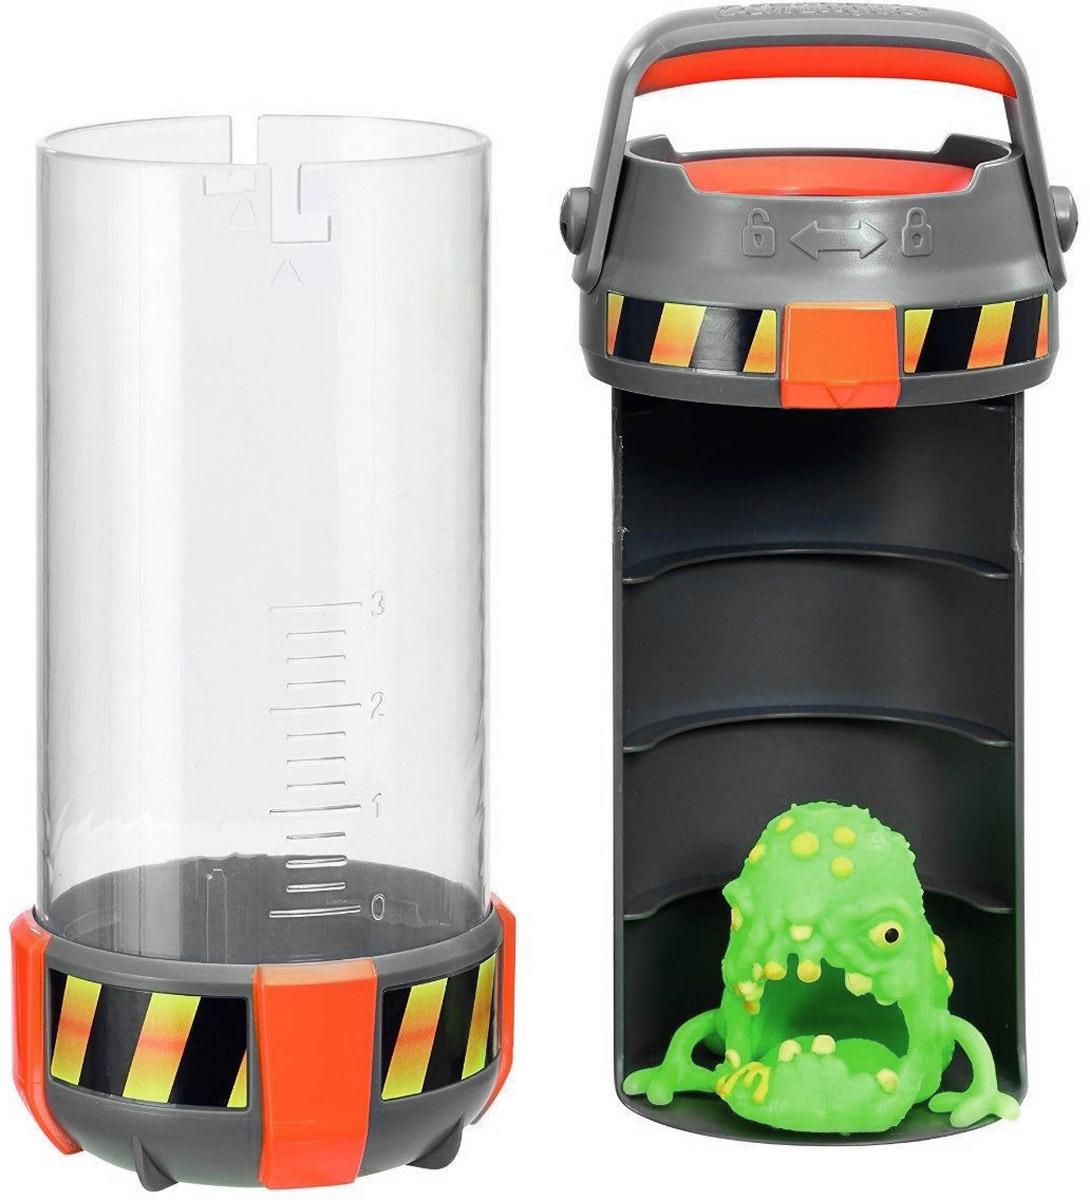 Fungus Amungus Игровой набор Токсичная капсула цвет зеленый22510.2300_зеленыйОсторожно, это токсичный контейнер! Бактериологическая опасность! Перед вами новинка 2016 года - одна из примечательных новинок серии функциональных коллекционных игрушек Fungus Amungus. По сюжету, из секретной экспериментальной лаборатории сбежали микробы и спрятались в джунглях, гаджетах, еде, дикой природе и даже в человеческом теле. Их всех нужно незамедлительно поймать! Игровой набор Fungus Токсичная капсула включает в себя капсулу для коллекционирования микробов и фигурку супермикроба эксклюзивного типа. Фигурка изготовлена из эластичного пластика. Кроме того она хорошо липнет к ровным поверхностям. Разумеется, внутреннее пространство контейнера можно использовать и более разумно. Туда могут поместиться несколько чашек Петри, встречающихся в других наборах данной серии игрушек.